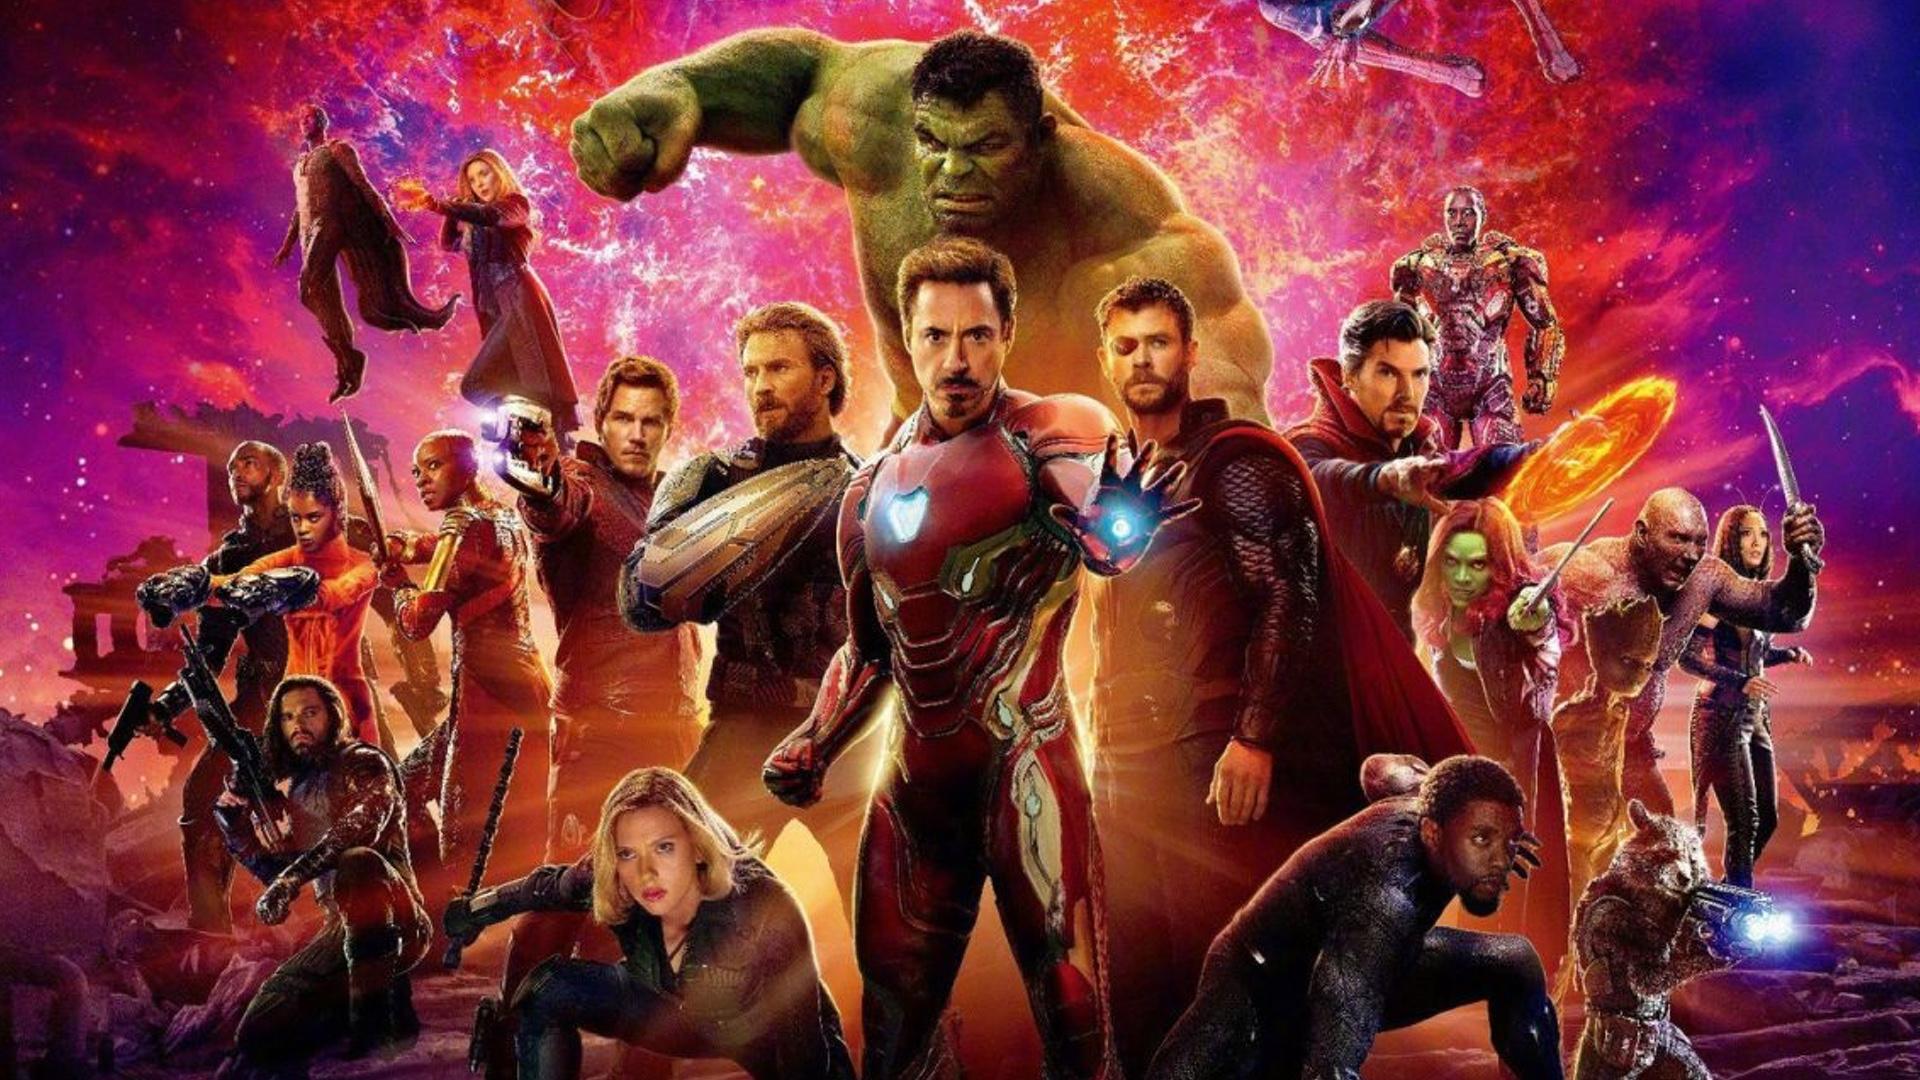 مراسم اسکار - اسکار 2019 - فیلم Avengers: Infinity War